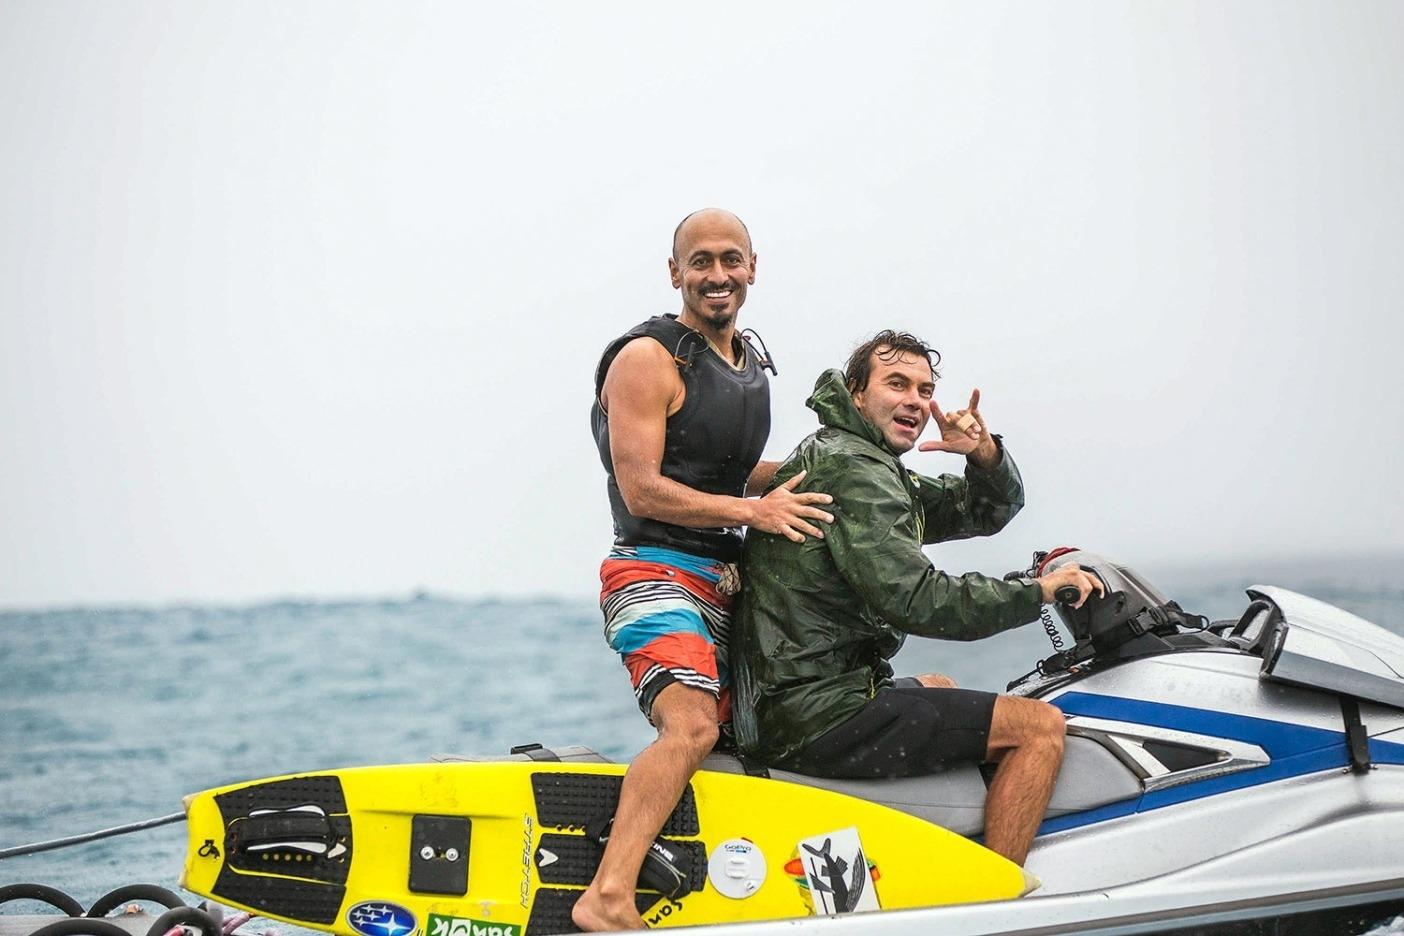 2018年5月26日、この歴史に残る日に、熱狂しながら笑顔を見せるラモン・ナバロとコール・クリステンセン。同じくらい重要なことに、想像し得る最も危険なサーフィンにおいて、経験を積んだチームワークが皆の安全を守った日でもあった。Photo: Tom Servais